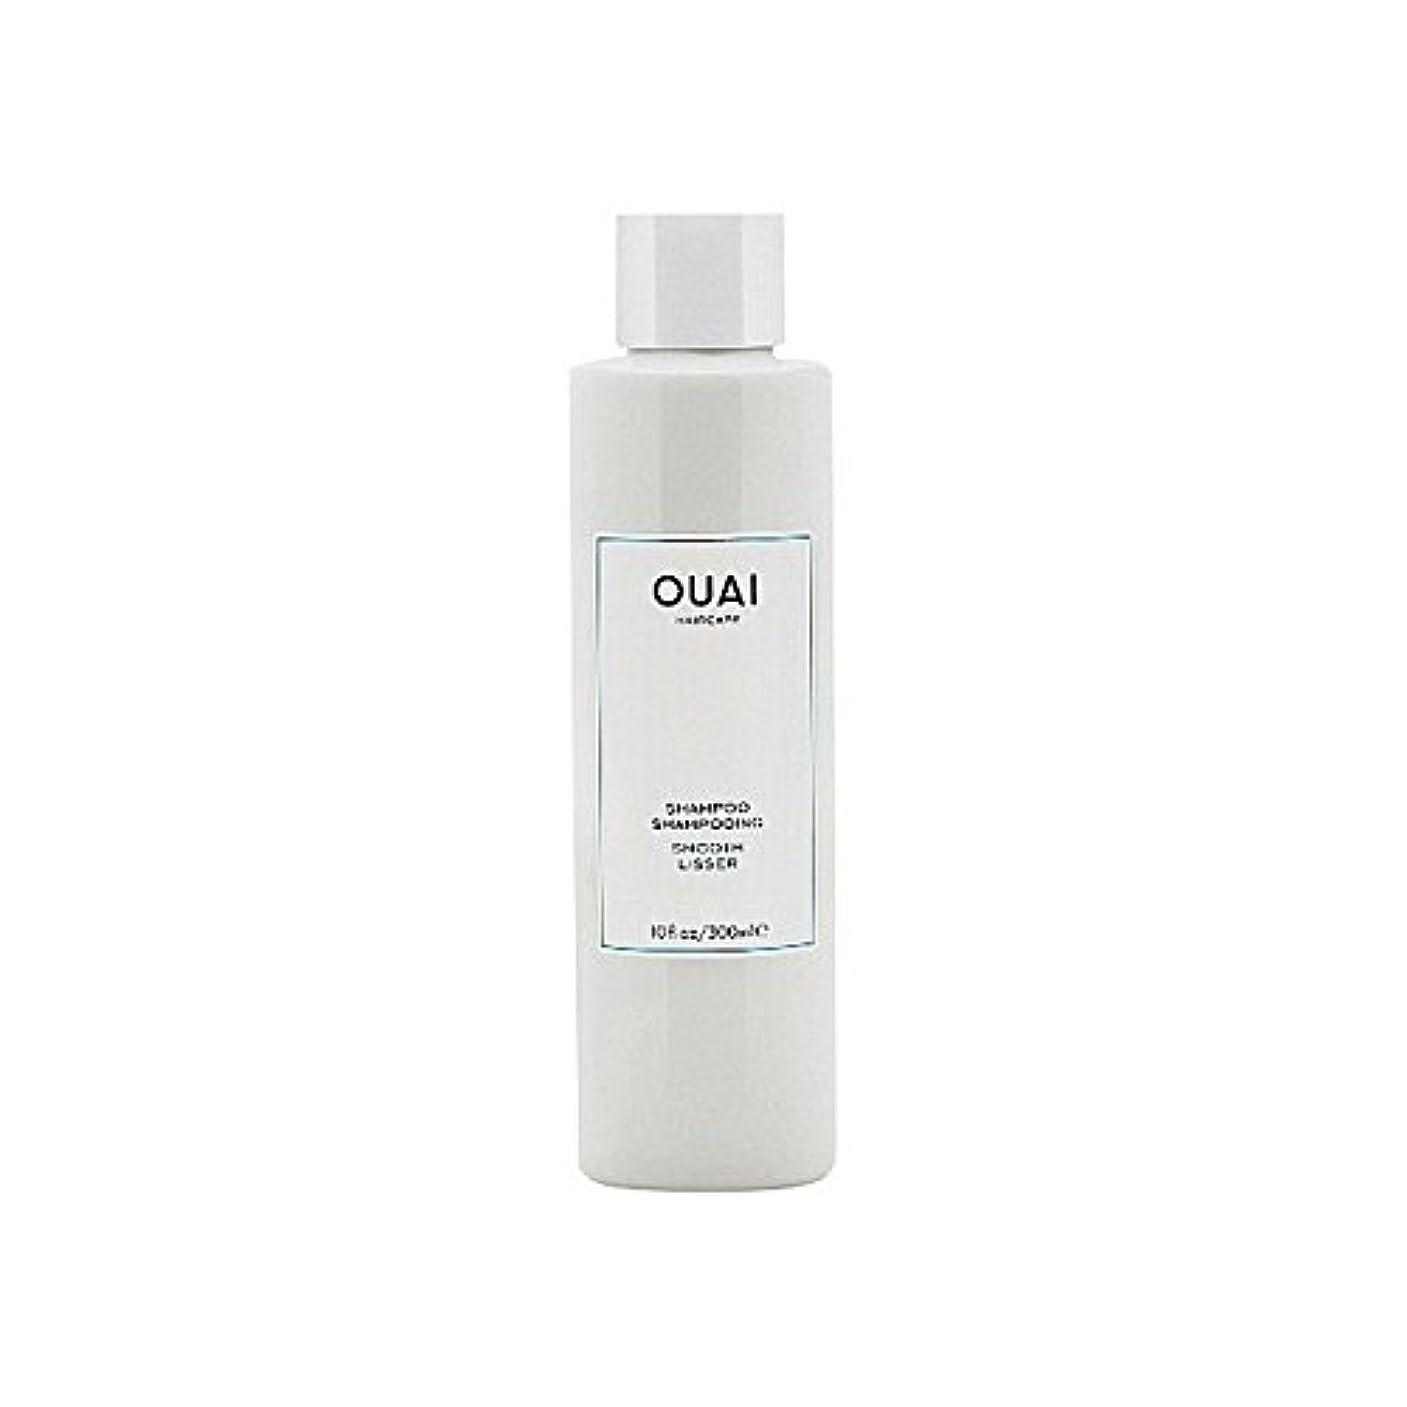 材料自体背景スムーズなシャンプー300ミリリットル x2 - Ouai Smooth Shampoo 300ml (Pack of 2) [並行輸入品]